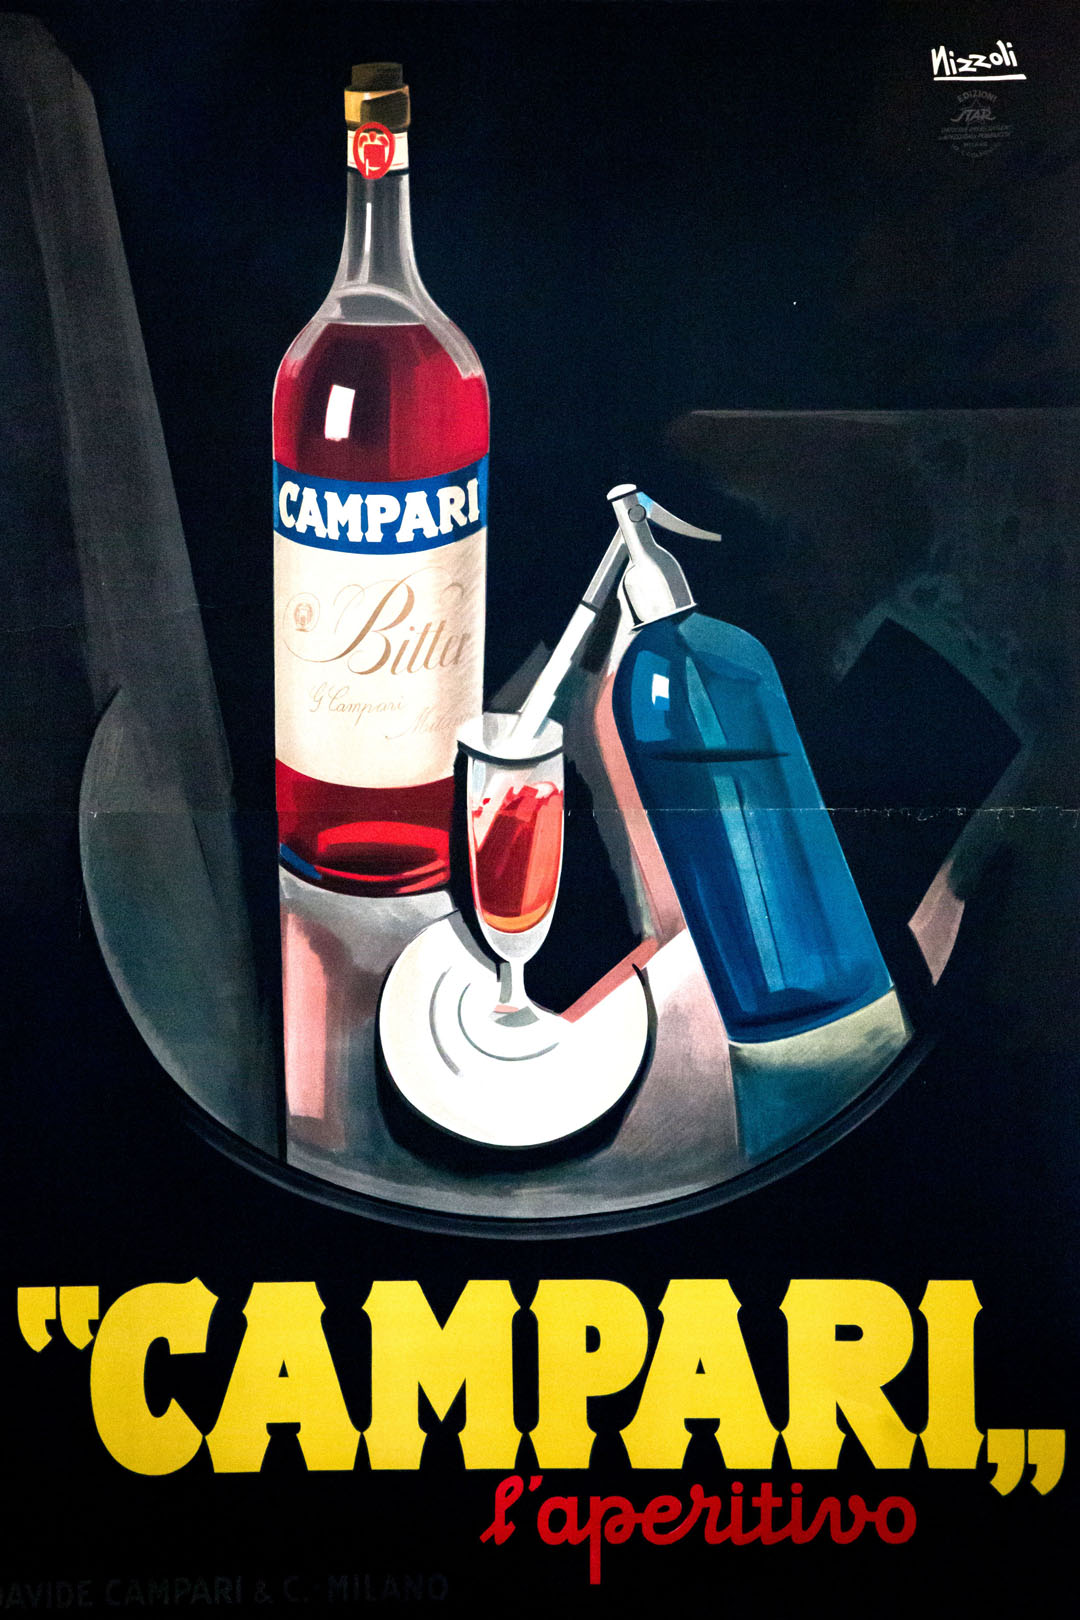 reclame-una-passione-una-collezione-marcello-nizzoli-1926-litografia-200x140-cm-11